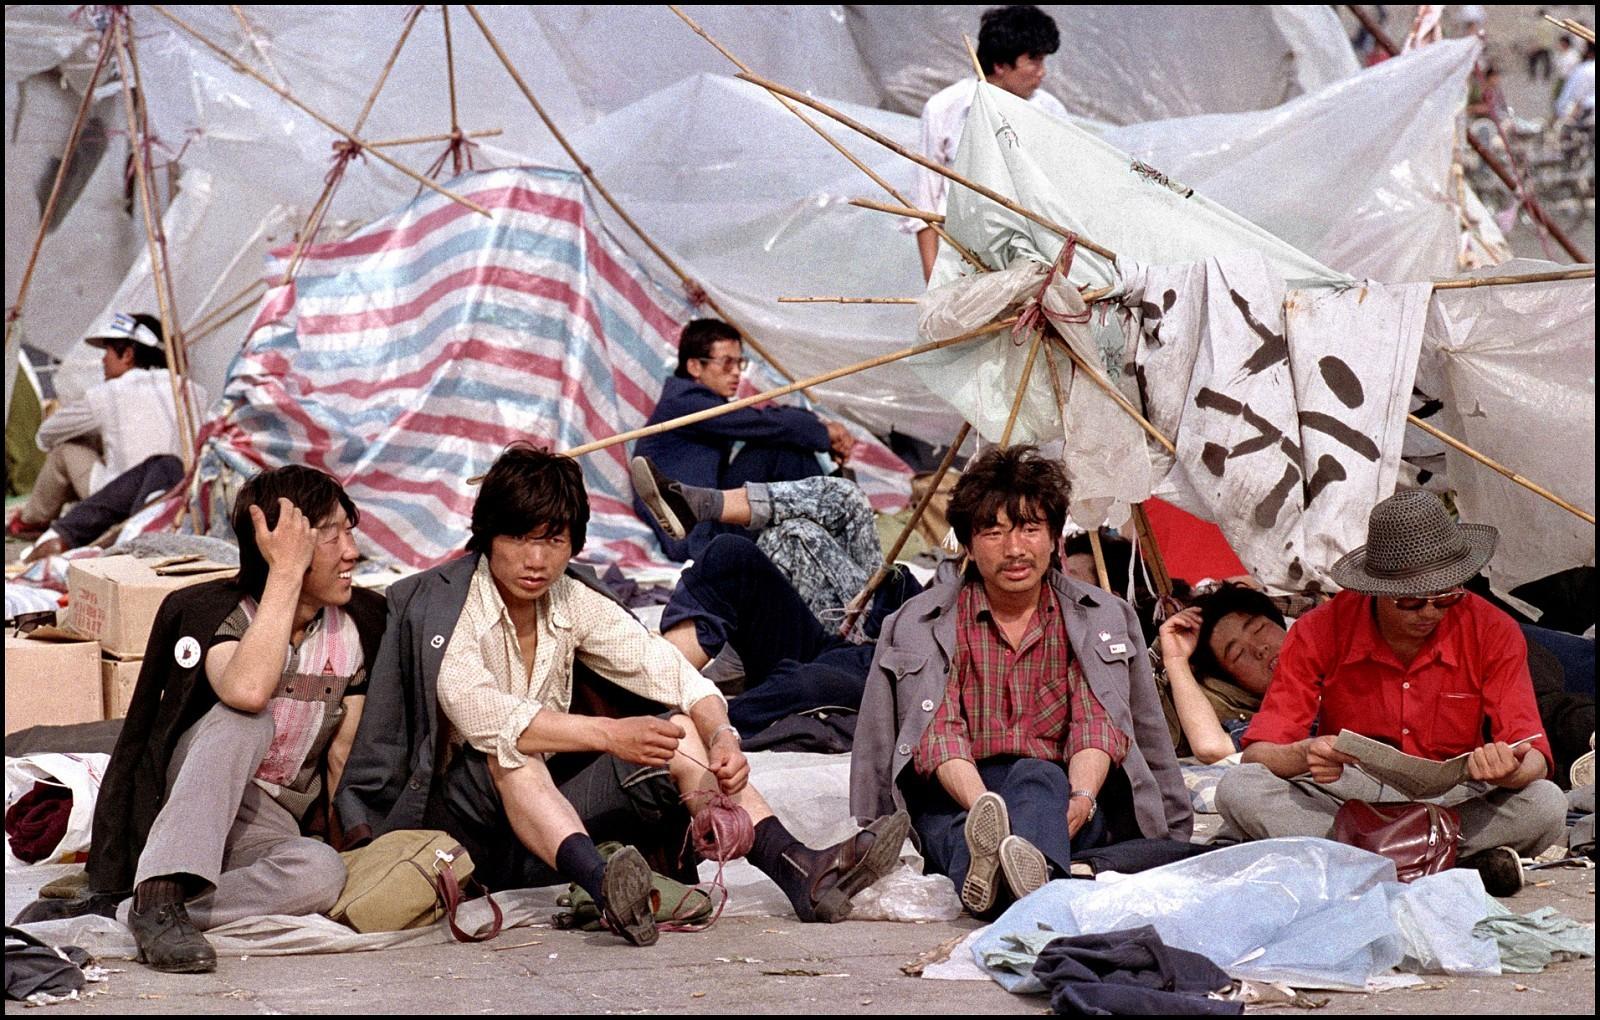 Protestantes acamparam durante manifestação que ficou conhecida como Massacre da Praça da Paz Celestial, em 1989, na China